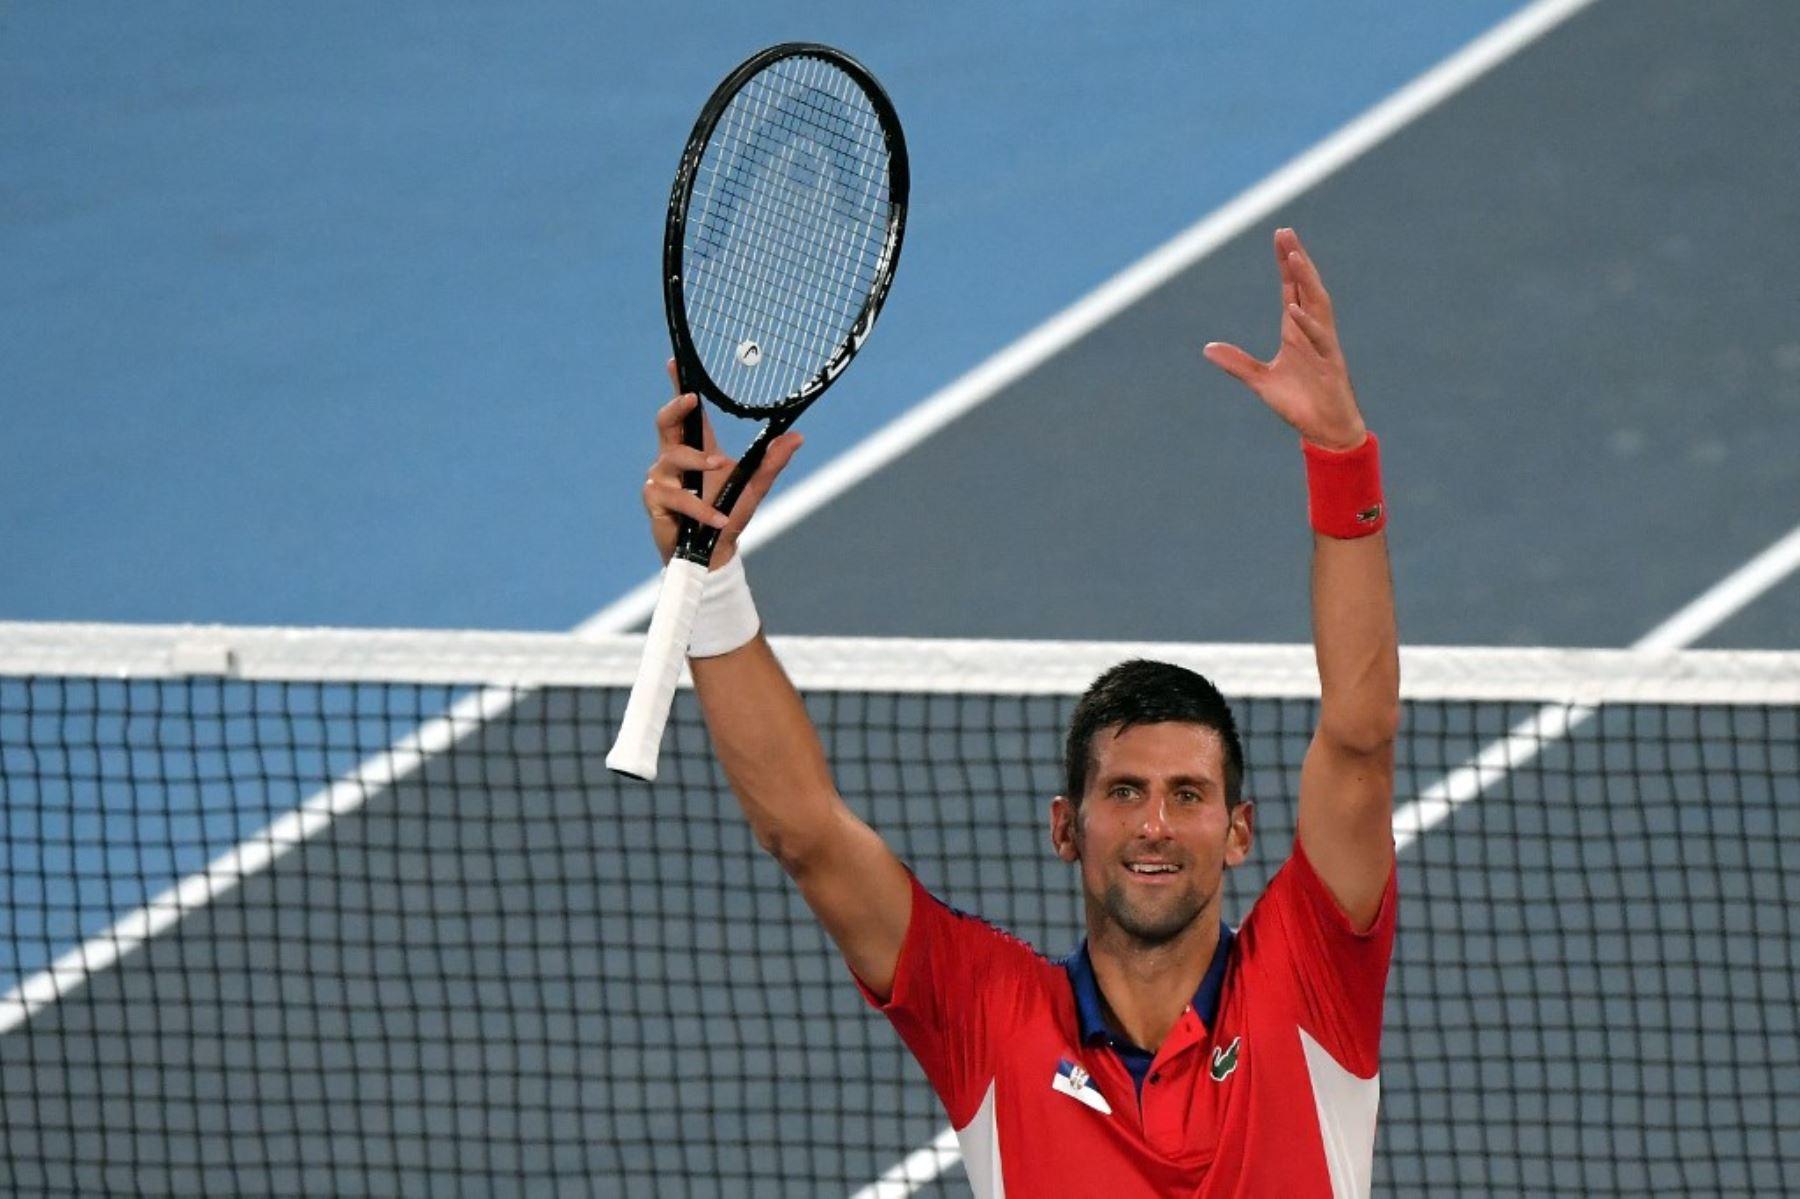 Djokovic no se detiene en su deseo de hacerse de la medalla de oro en tenis